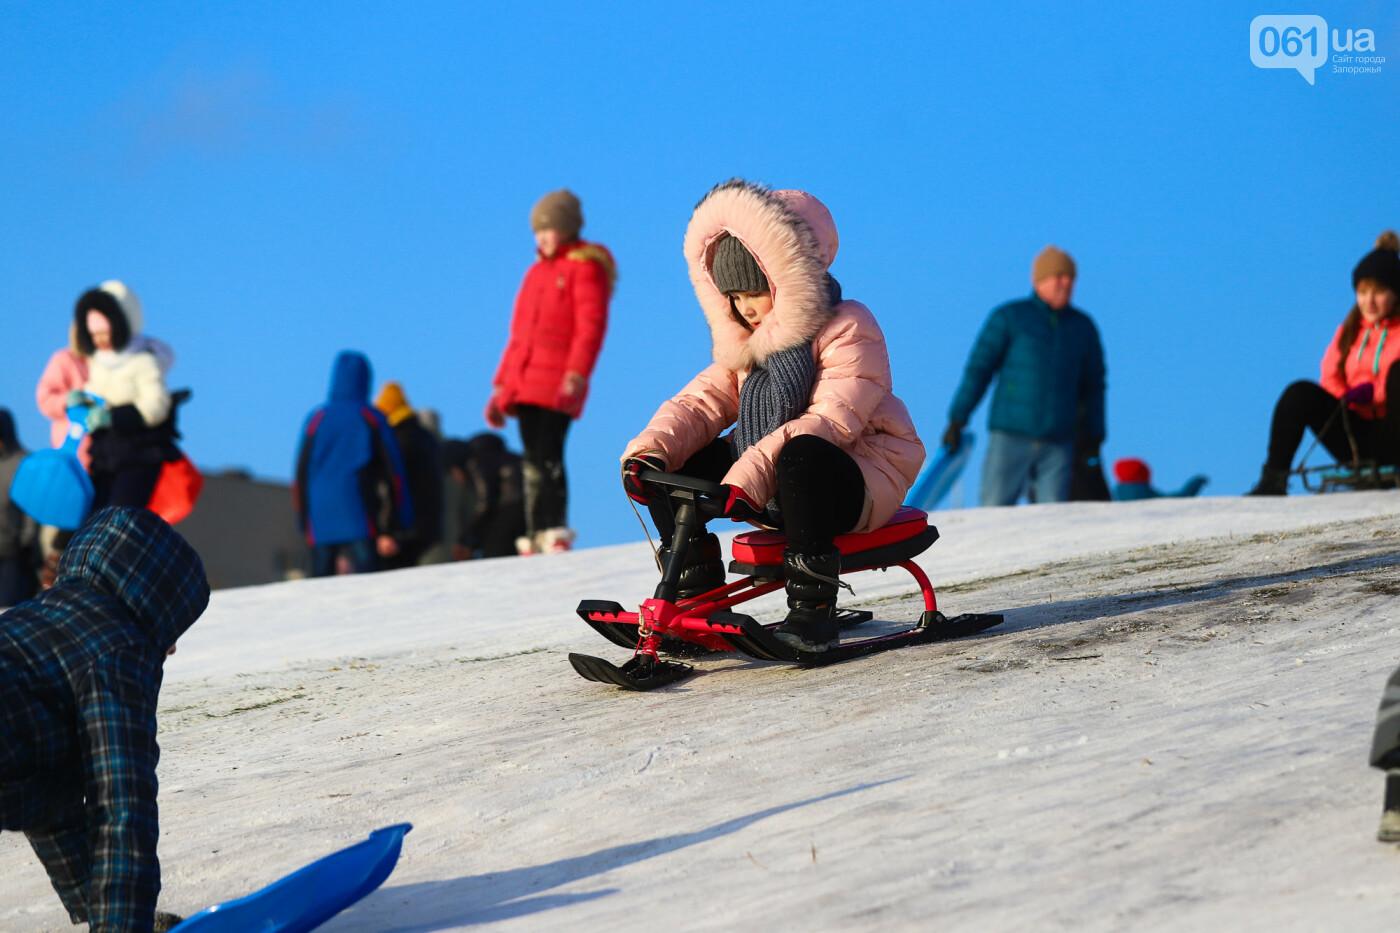 На санках, лыжах и сноуборде: запорожцы устроили массовое катание с горок в Вознесеновском парке, - ФОТОРЕПОРТАЖ, фото-13